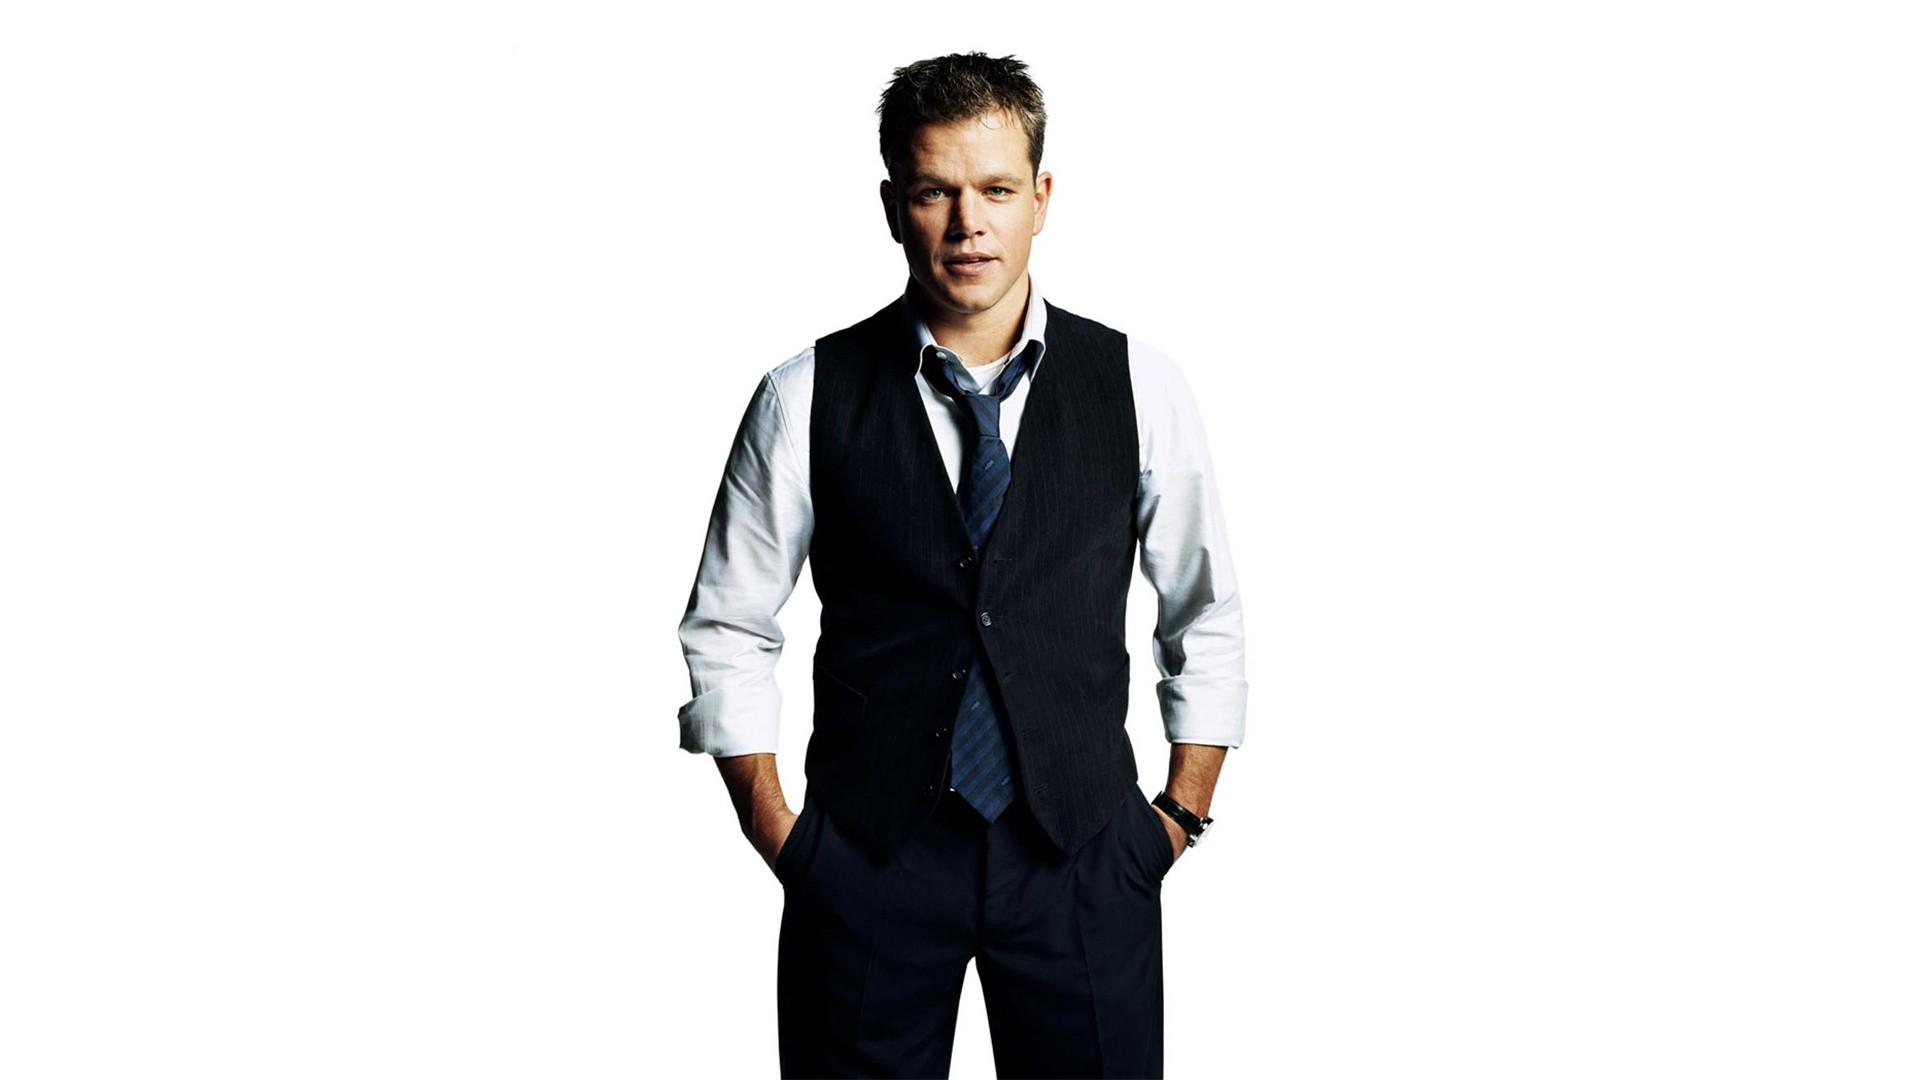 Matt Damon Wallpaper for pc